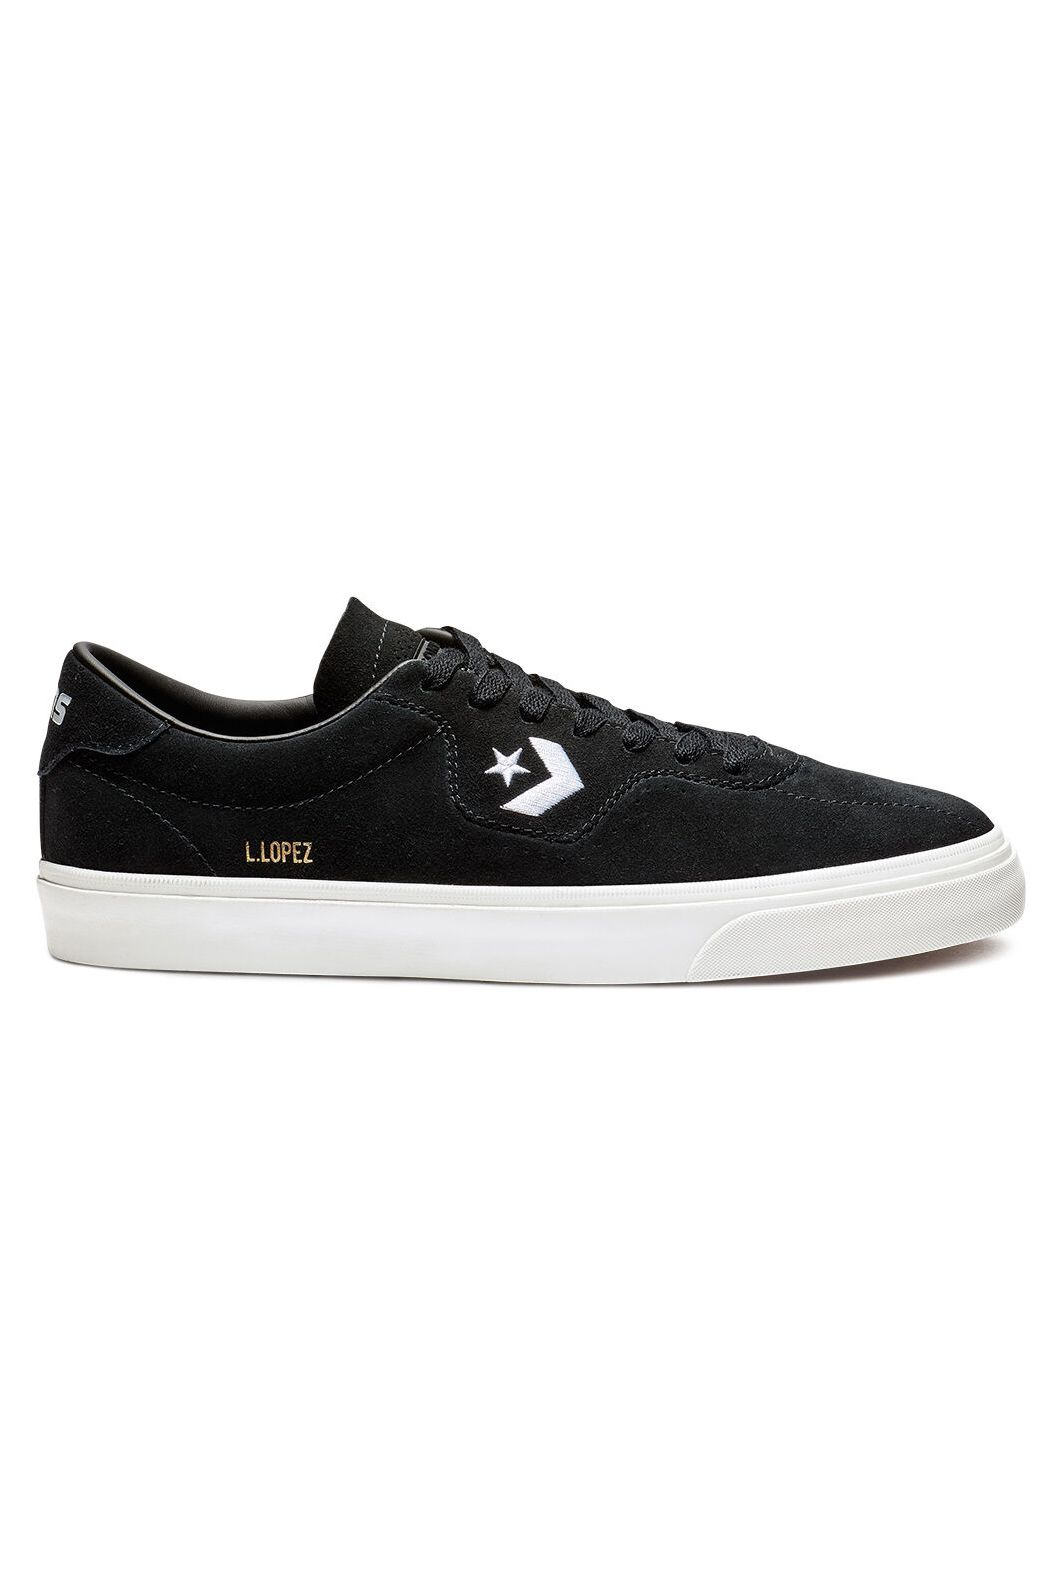 Converse Shoes LOUIE LOPEZ PRO OX Black/Black/White